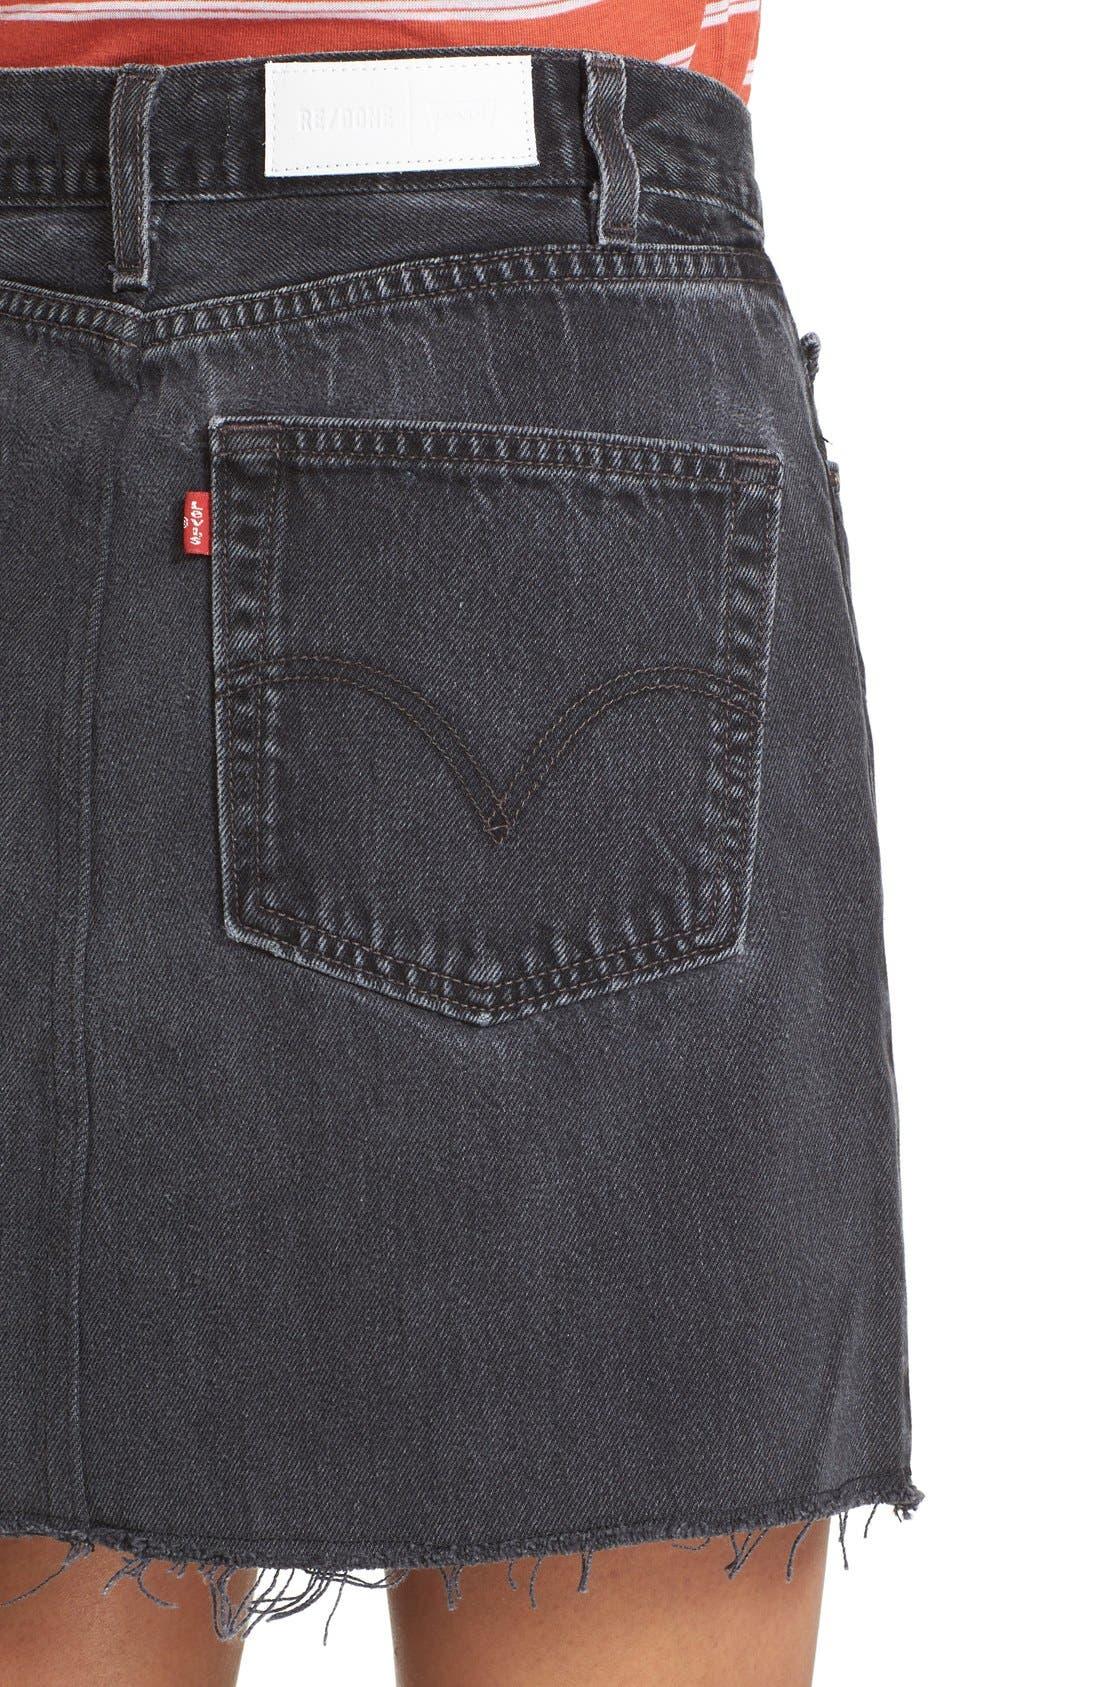 High Waist Repurposed Denim Miniskirt,                             Alternate thumbnail 4, color,                             Black